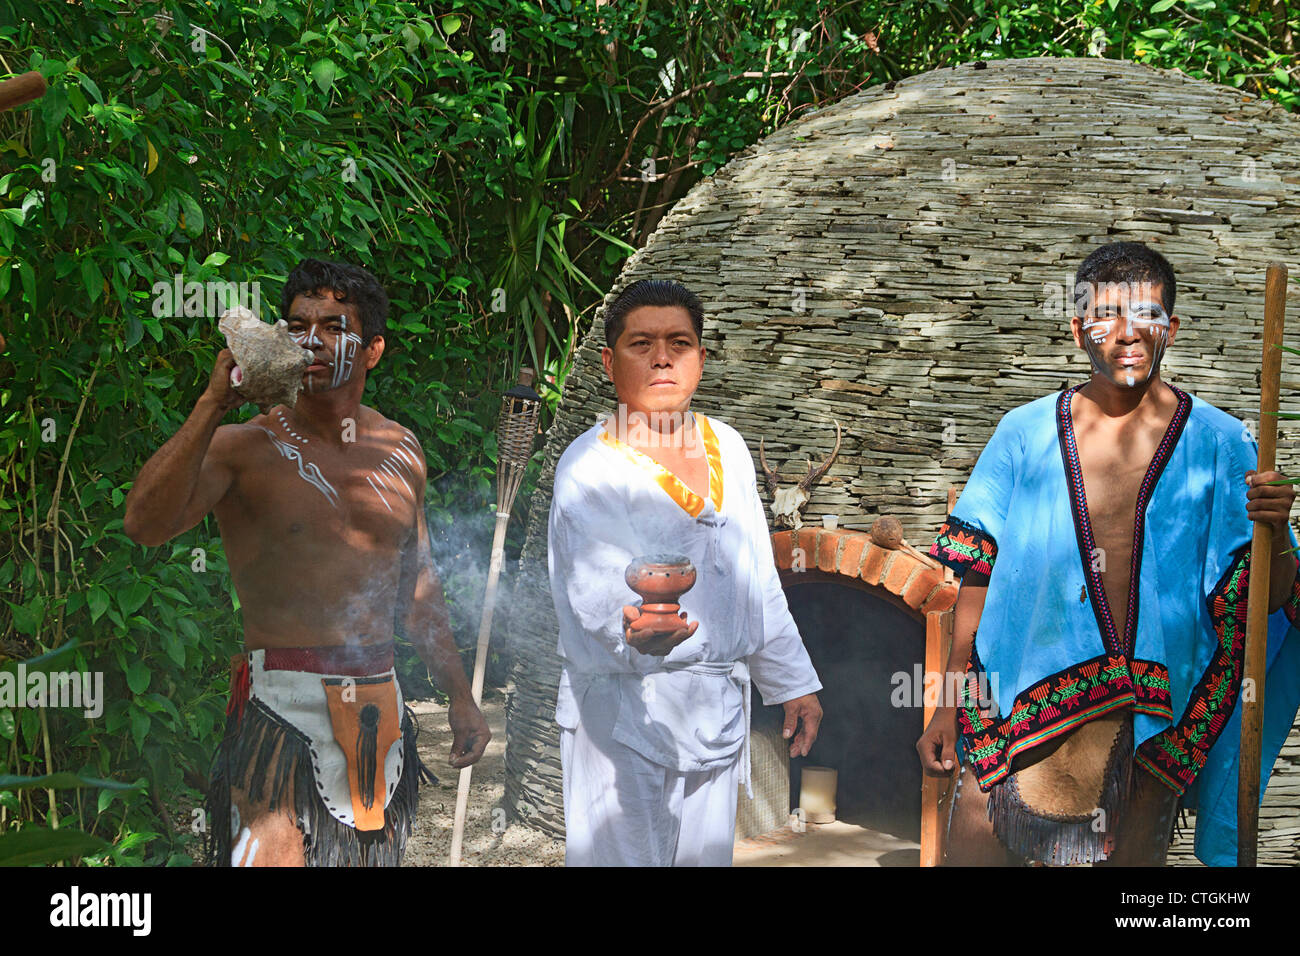 Maya Shamans greets visitors with ritual smoke from Copal resin. - Stock Image